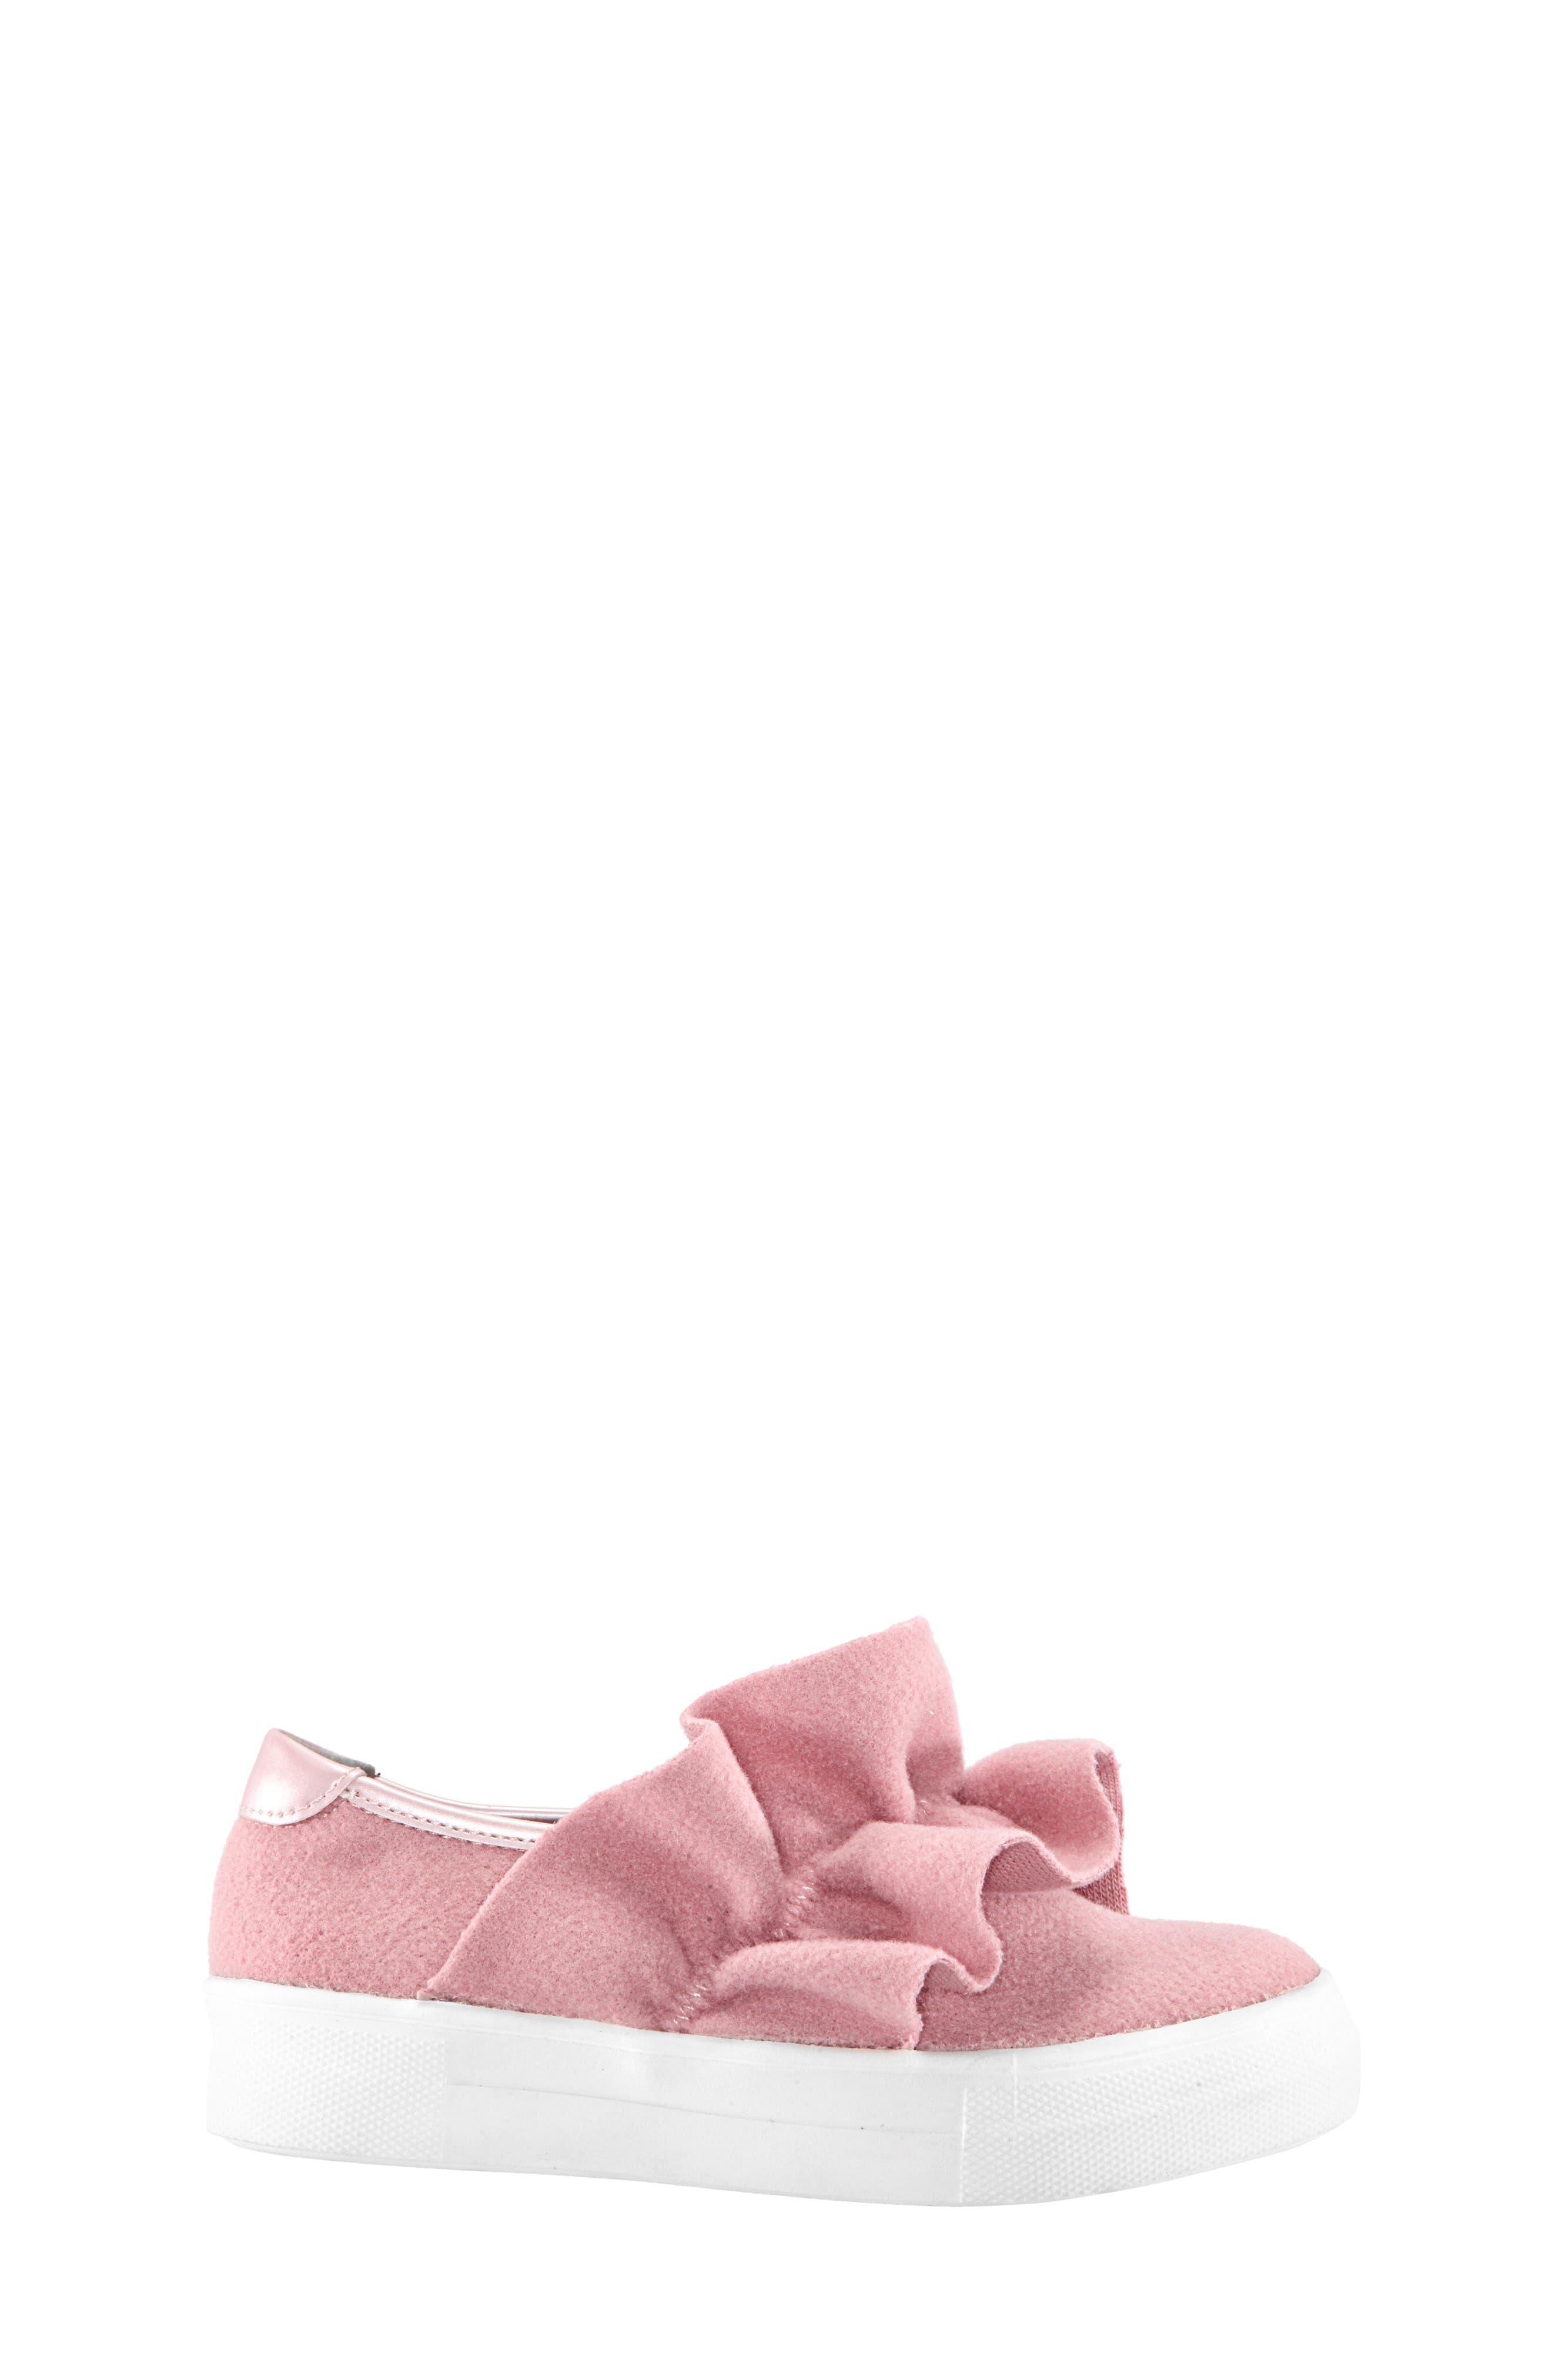 Ivani Slip-On Sneaker,                             Alternate thumbnail 3, color,                             Blush Flannel